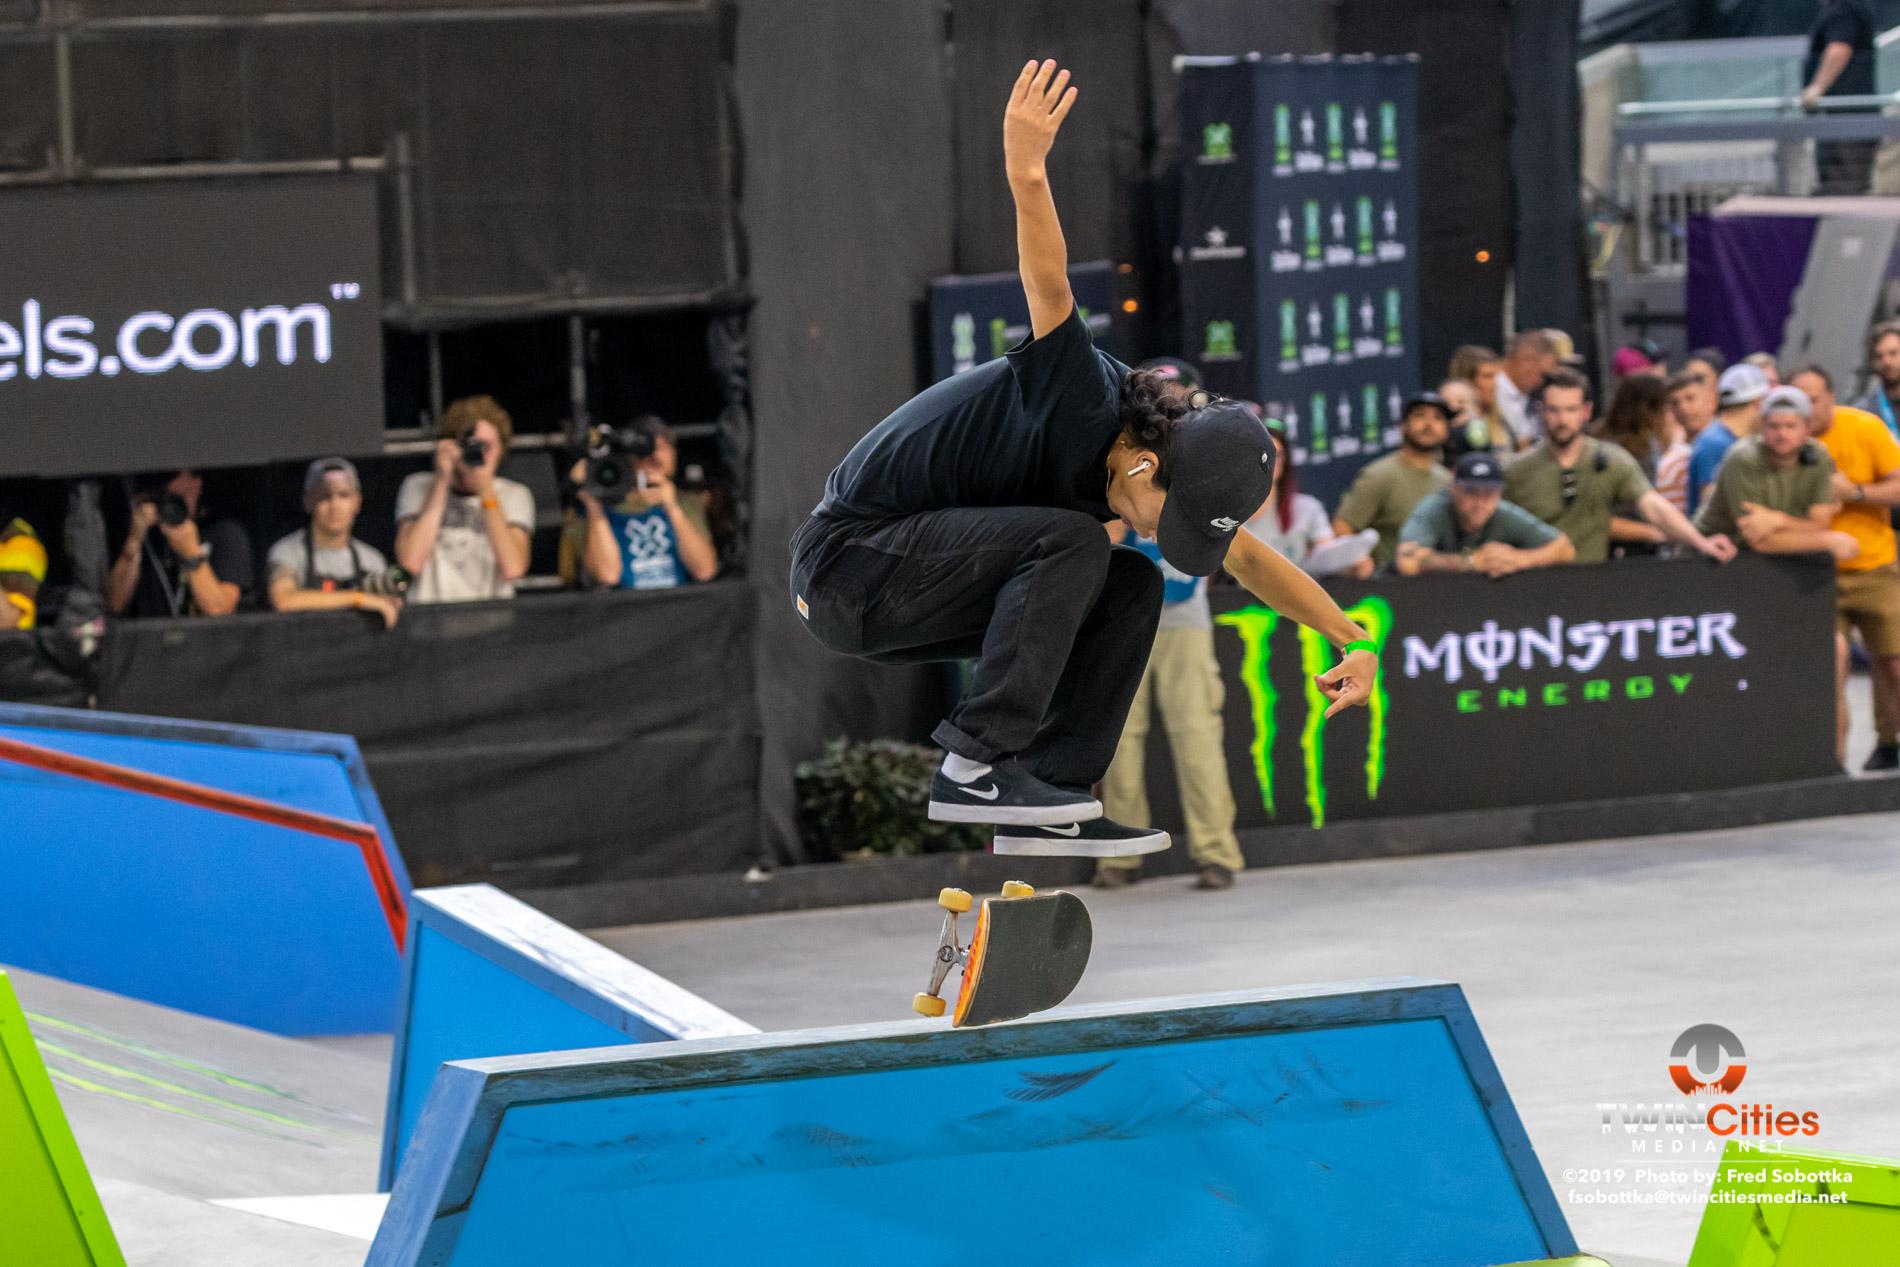 Monster-Energy-Mens-Skateboard-Street-15